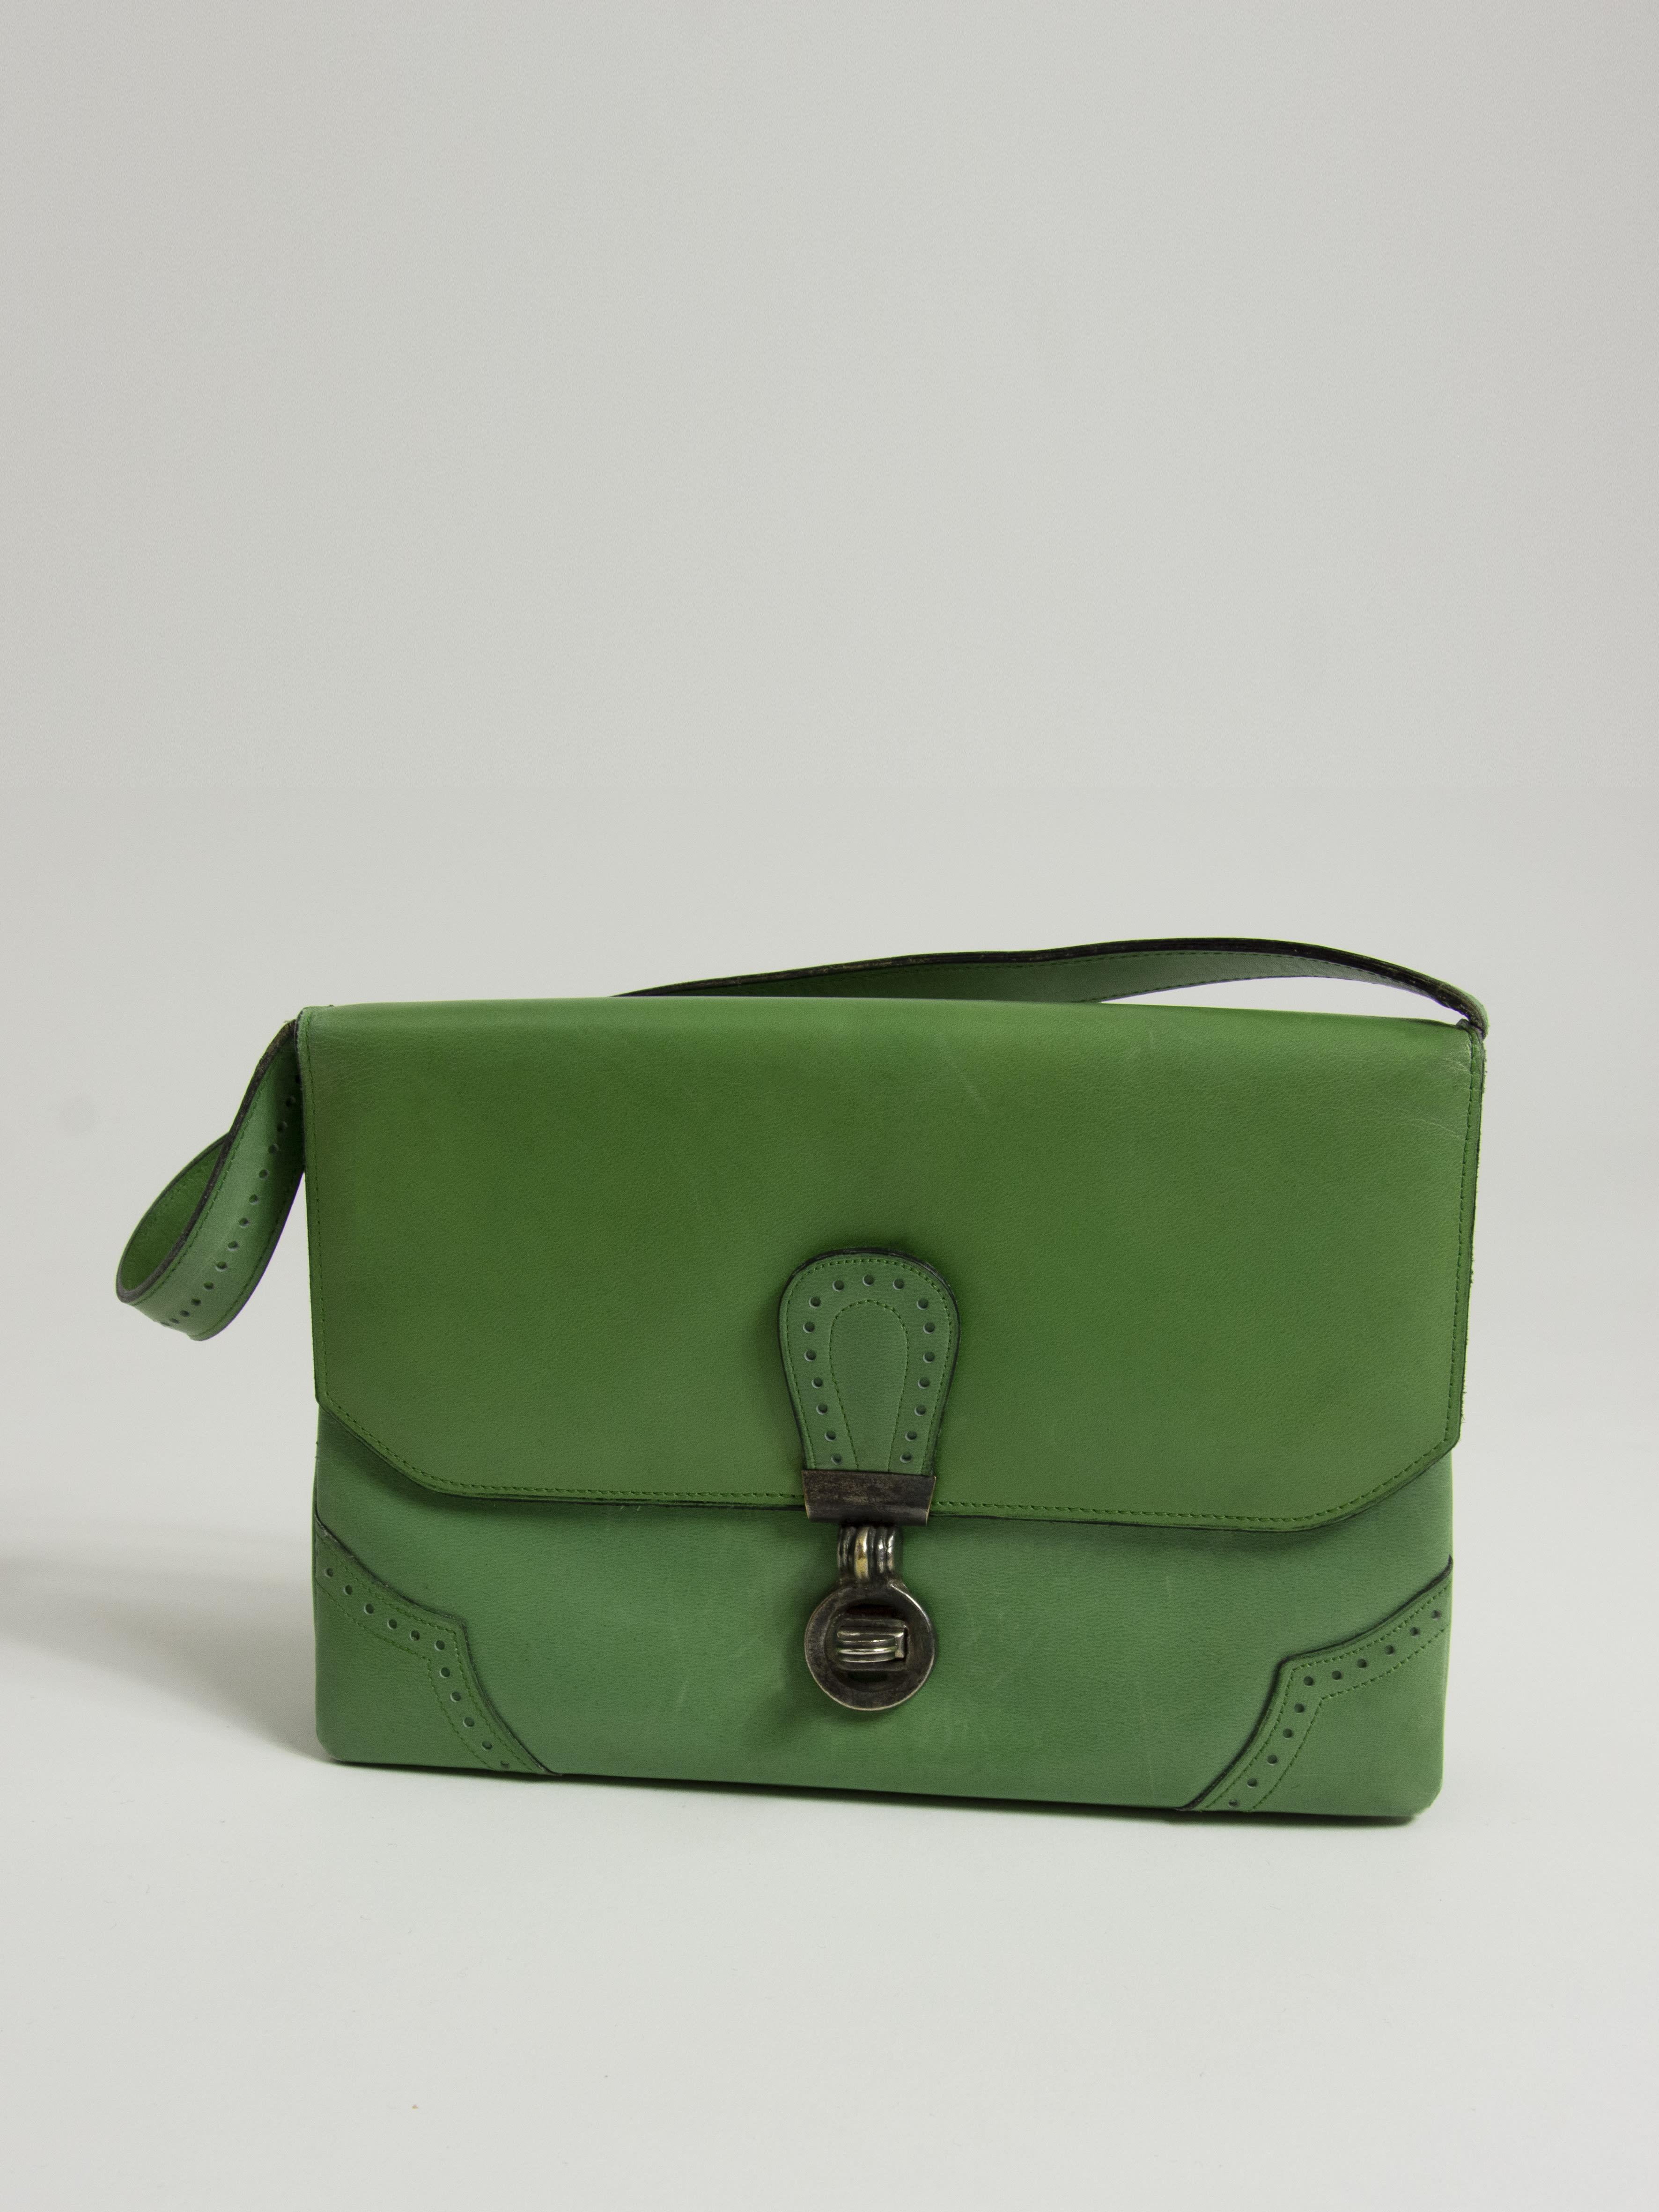 Packshot du produit Sac à Main Pochette Vert Vintage de la marque Charles Jourdan Vintage